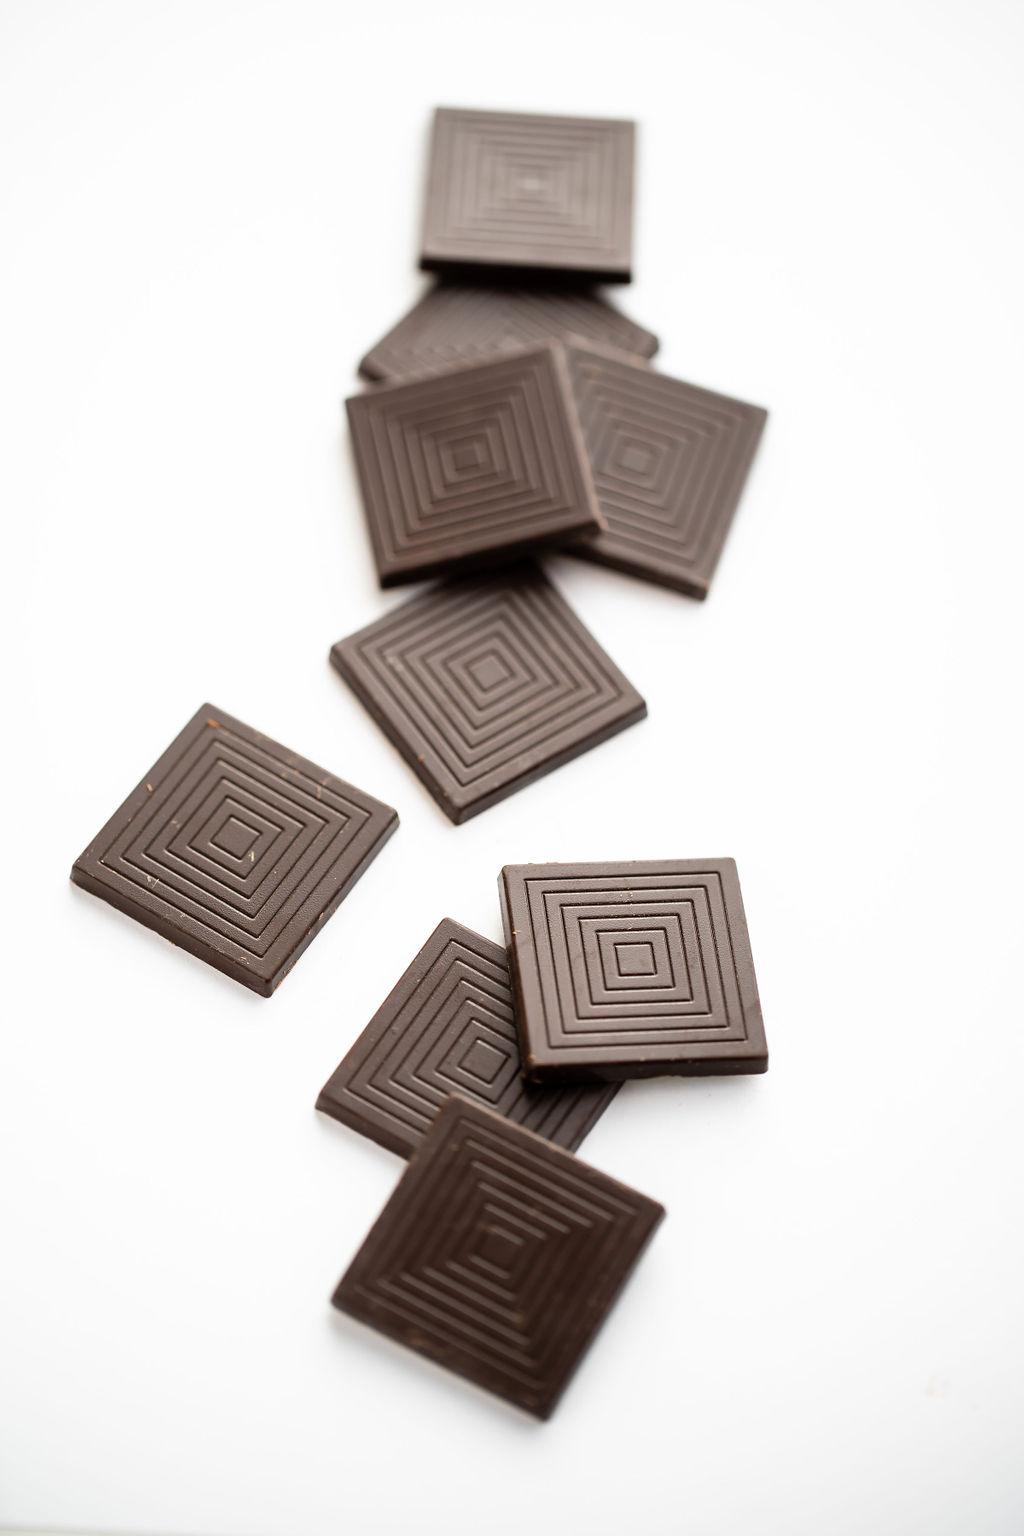 Napolitain, chocolat noir 74% bio belge par Supersec